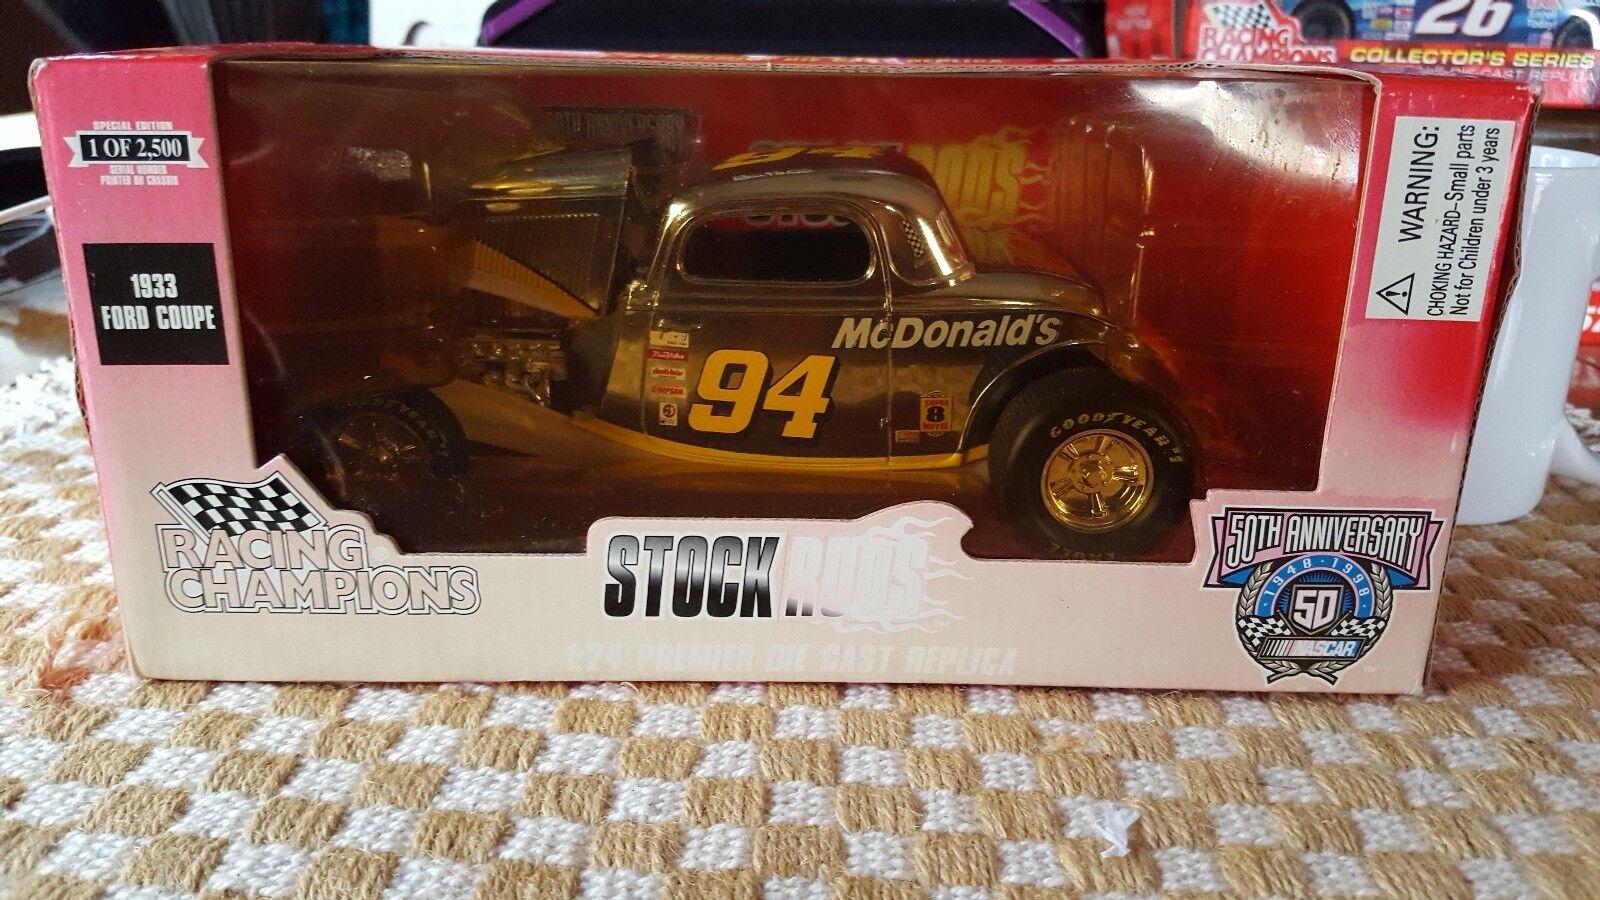 barato Racing Champions Bill Elliott escala  94 [1 24]'33 Ford Ford Ford Coupe McDonald's Promo  los clientes primero